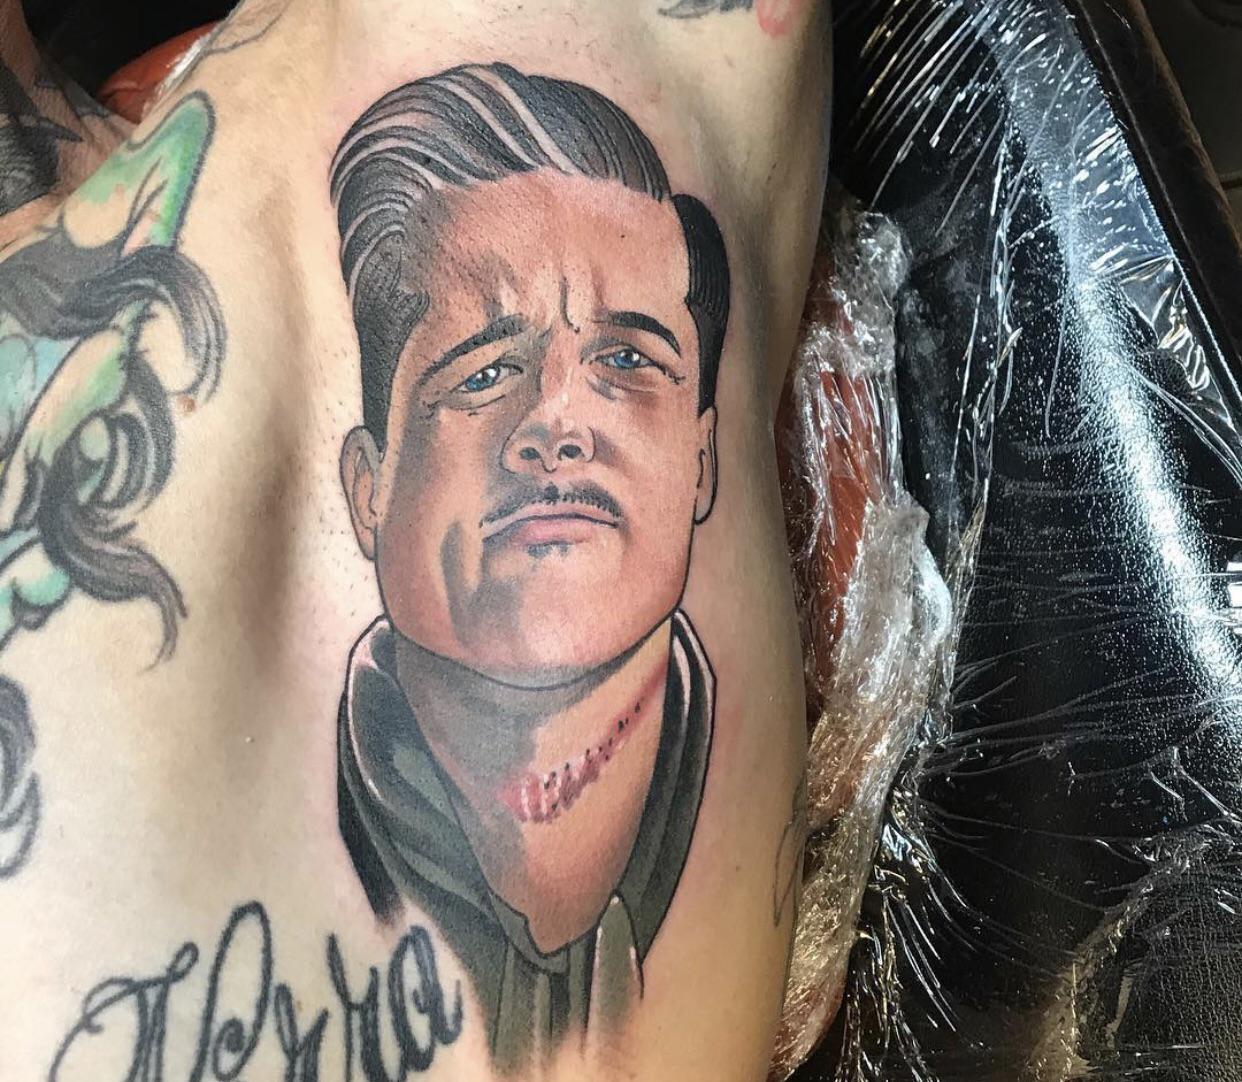 My Brad Arm Pitt by Aaron Riddle of Phoenix AZ